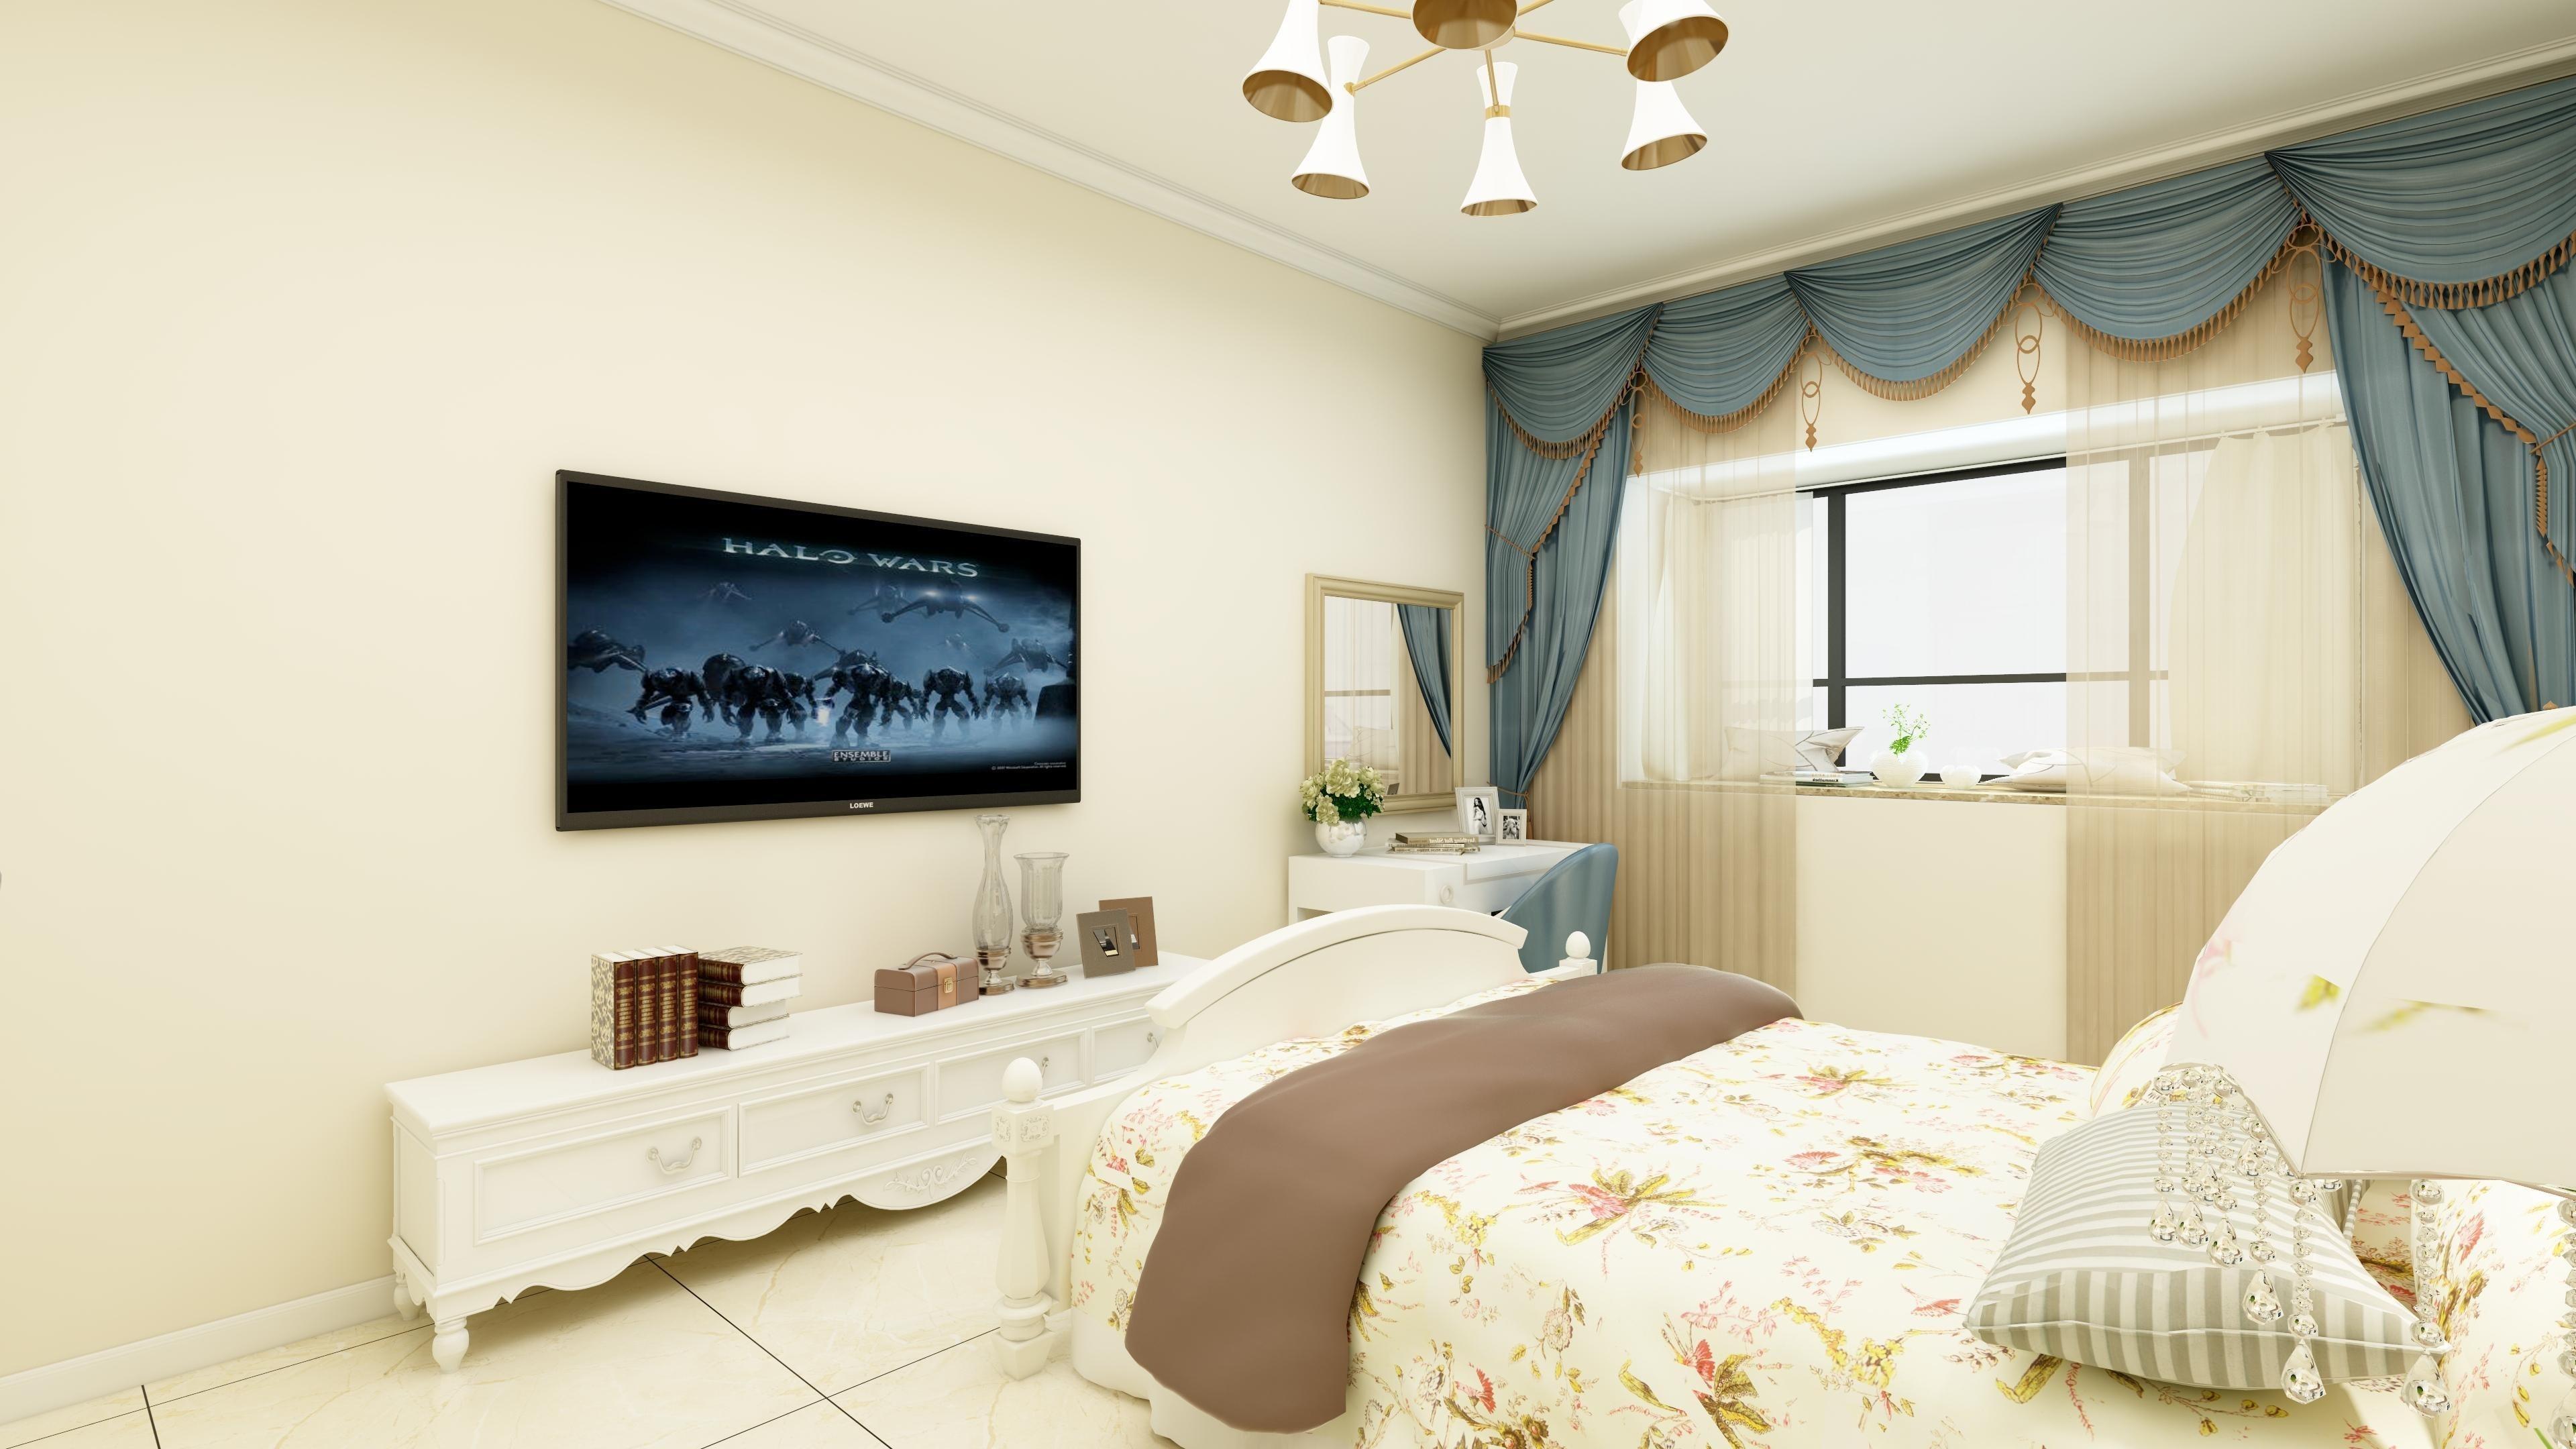 裕昌九州国际田园风格装修效果图实景图